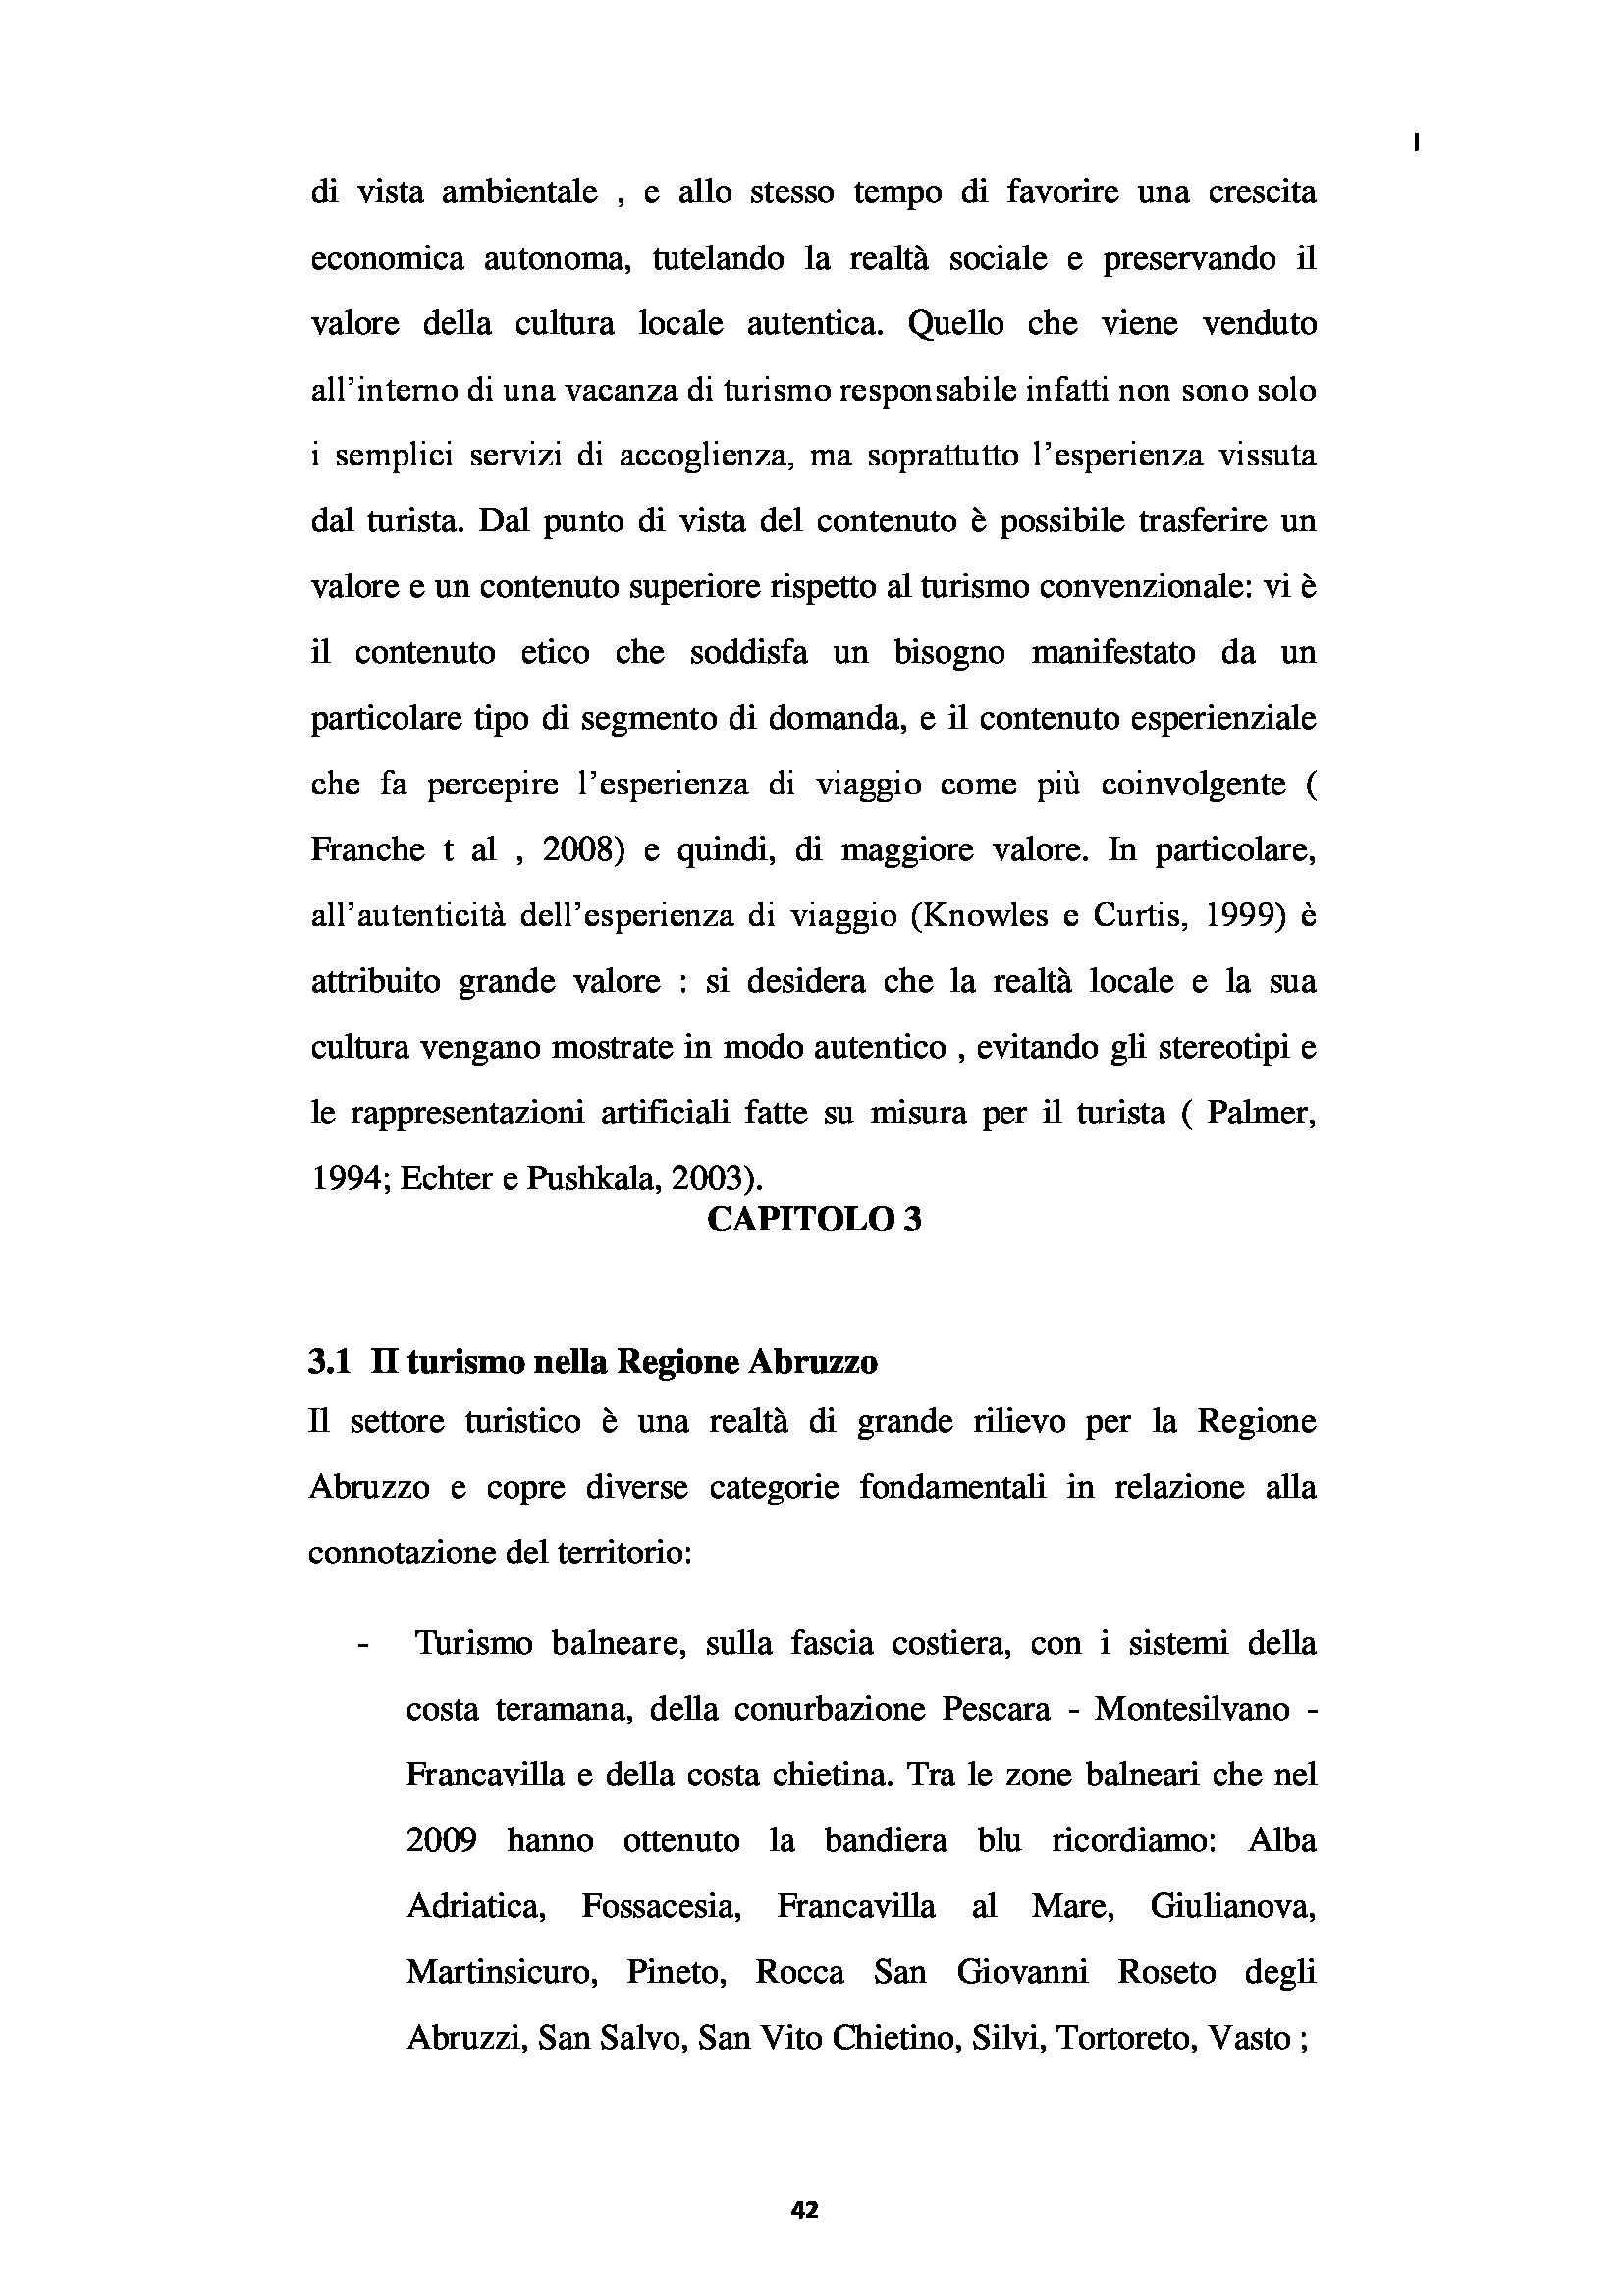 Tesi - L'Albergo Diffuso e Il Territorio. Il Caso Della Regione Abruzzo Pag. 41